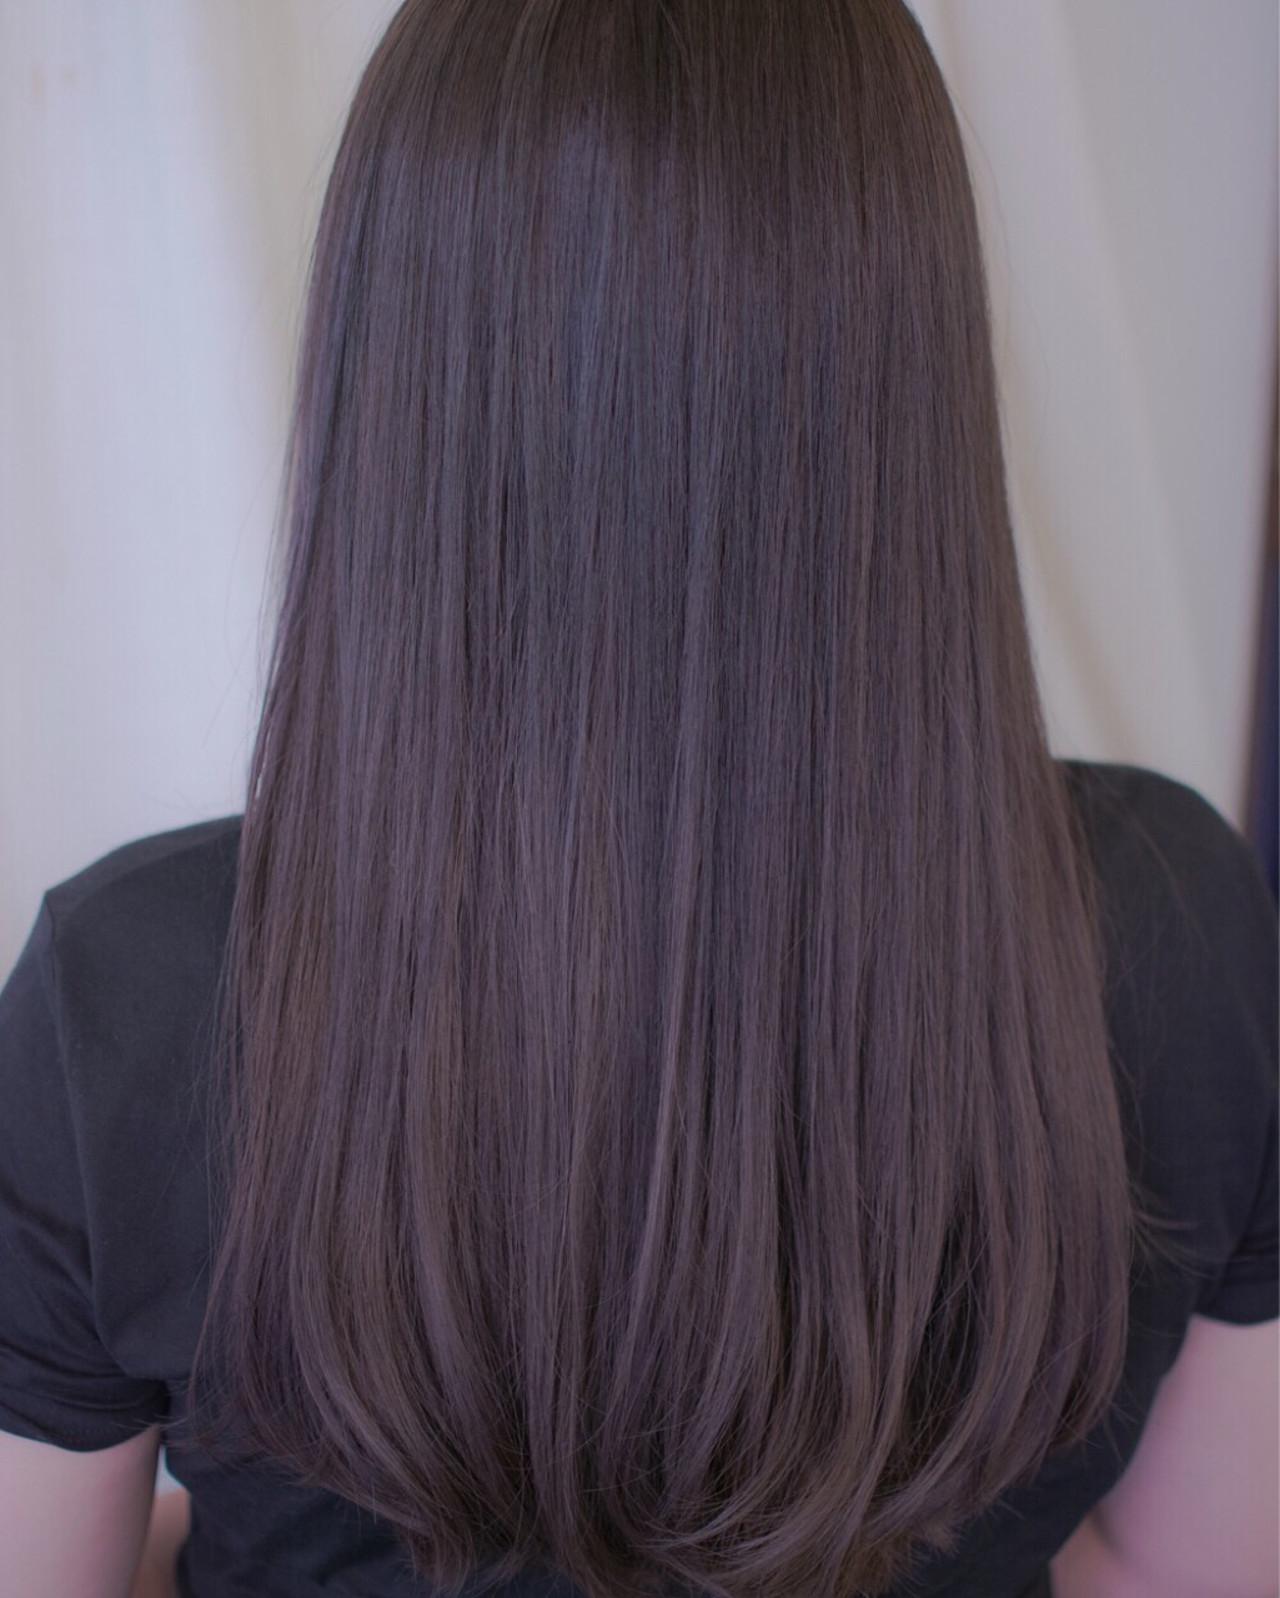 ラベンダーアッシュなあなたの髪色を旬に♪うっとり色落ちを楽しもう 野口 輝 / vicushair